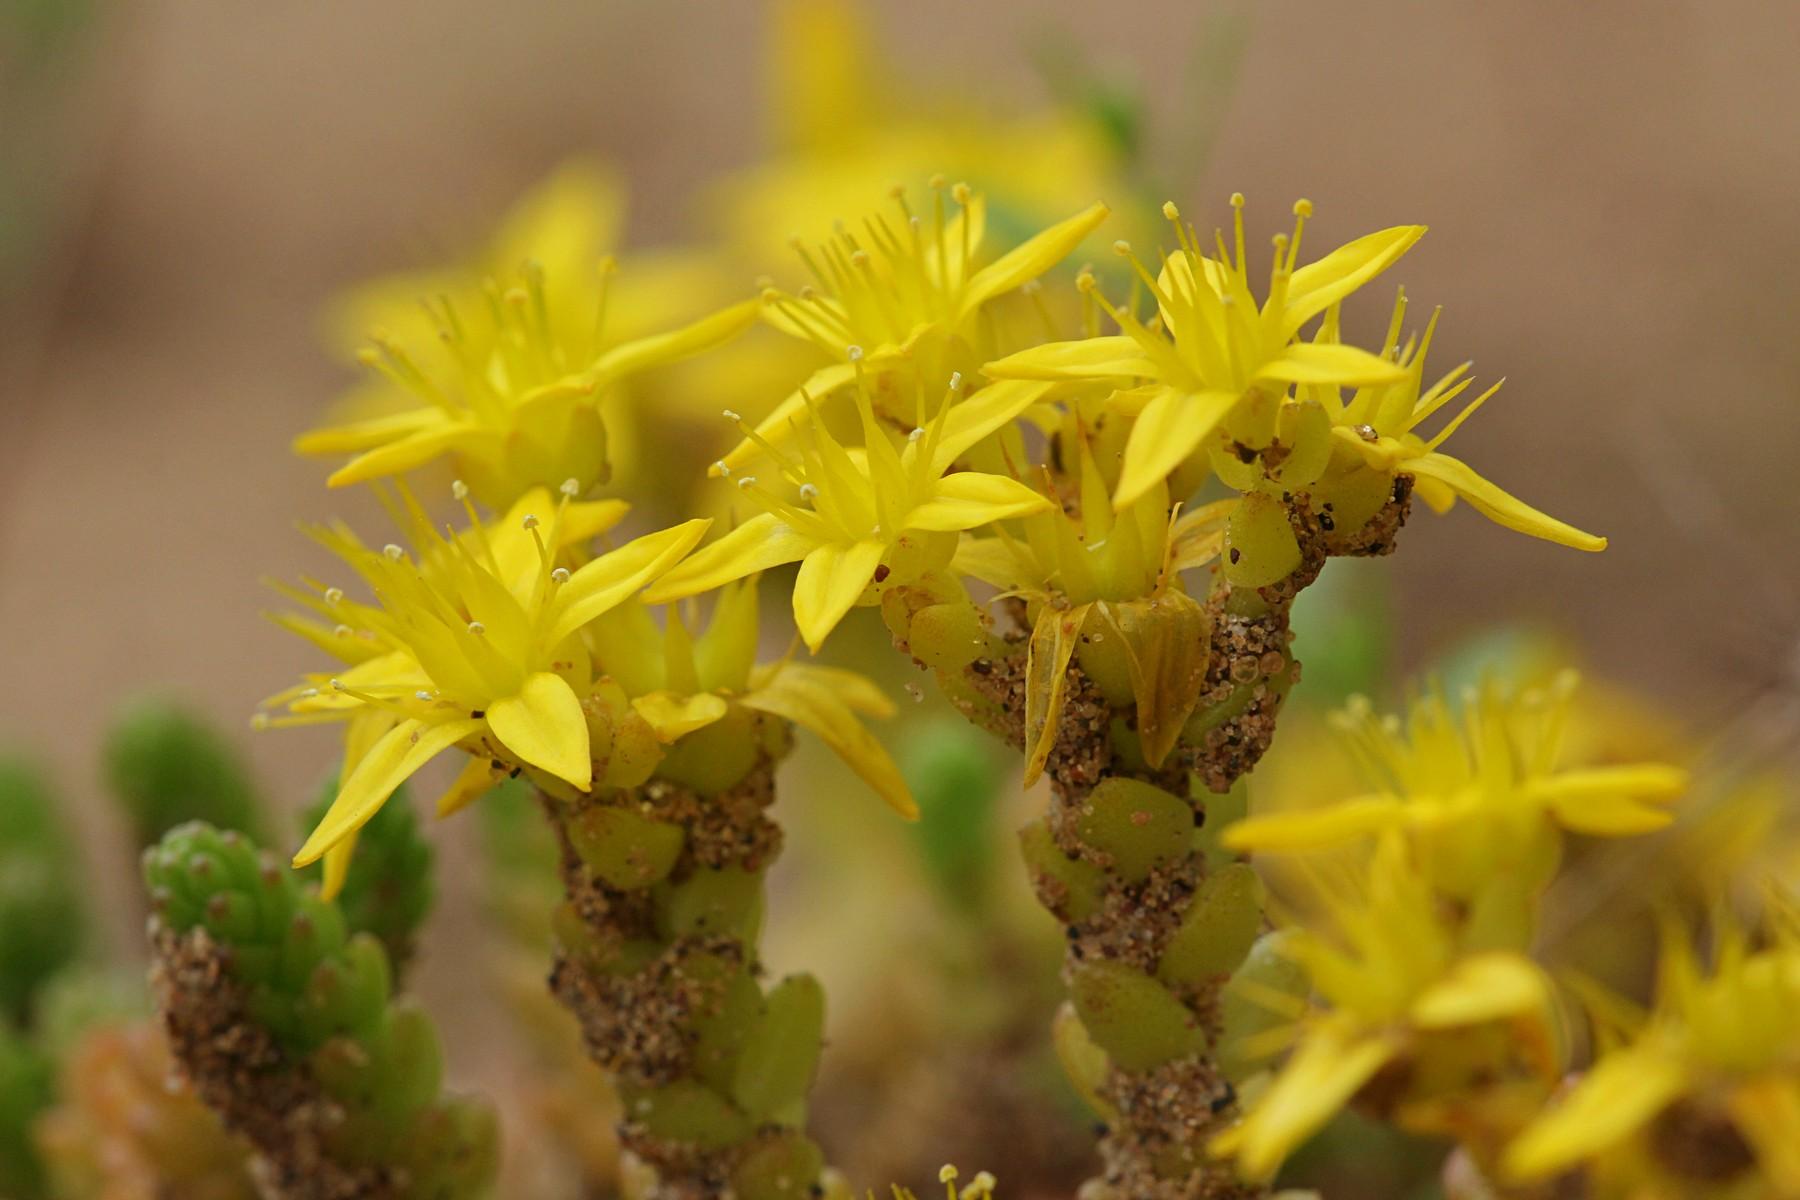 Жёлтые цветочки и листики-чешуйки - цветёт очиток едкий